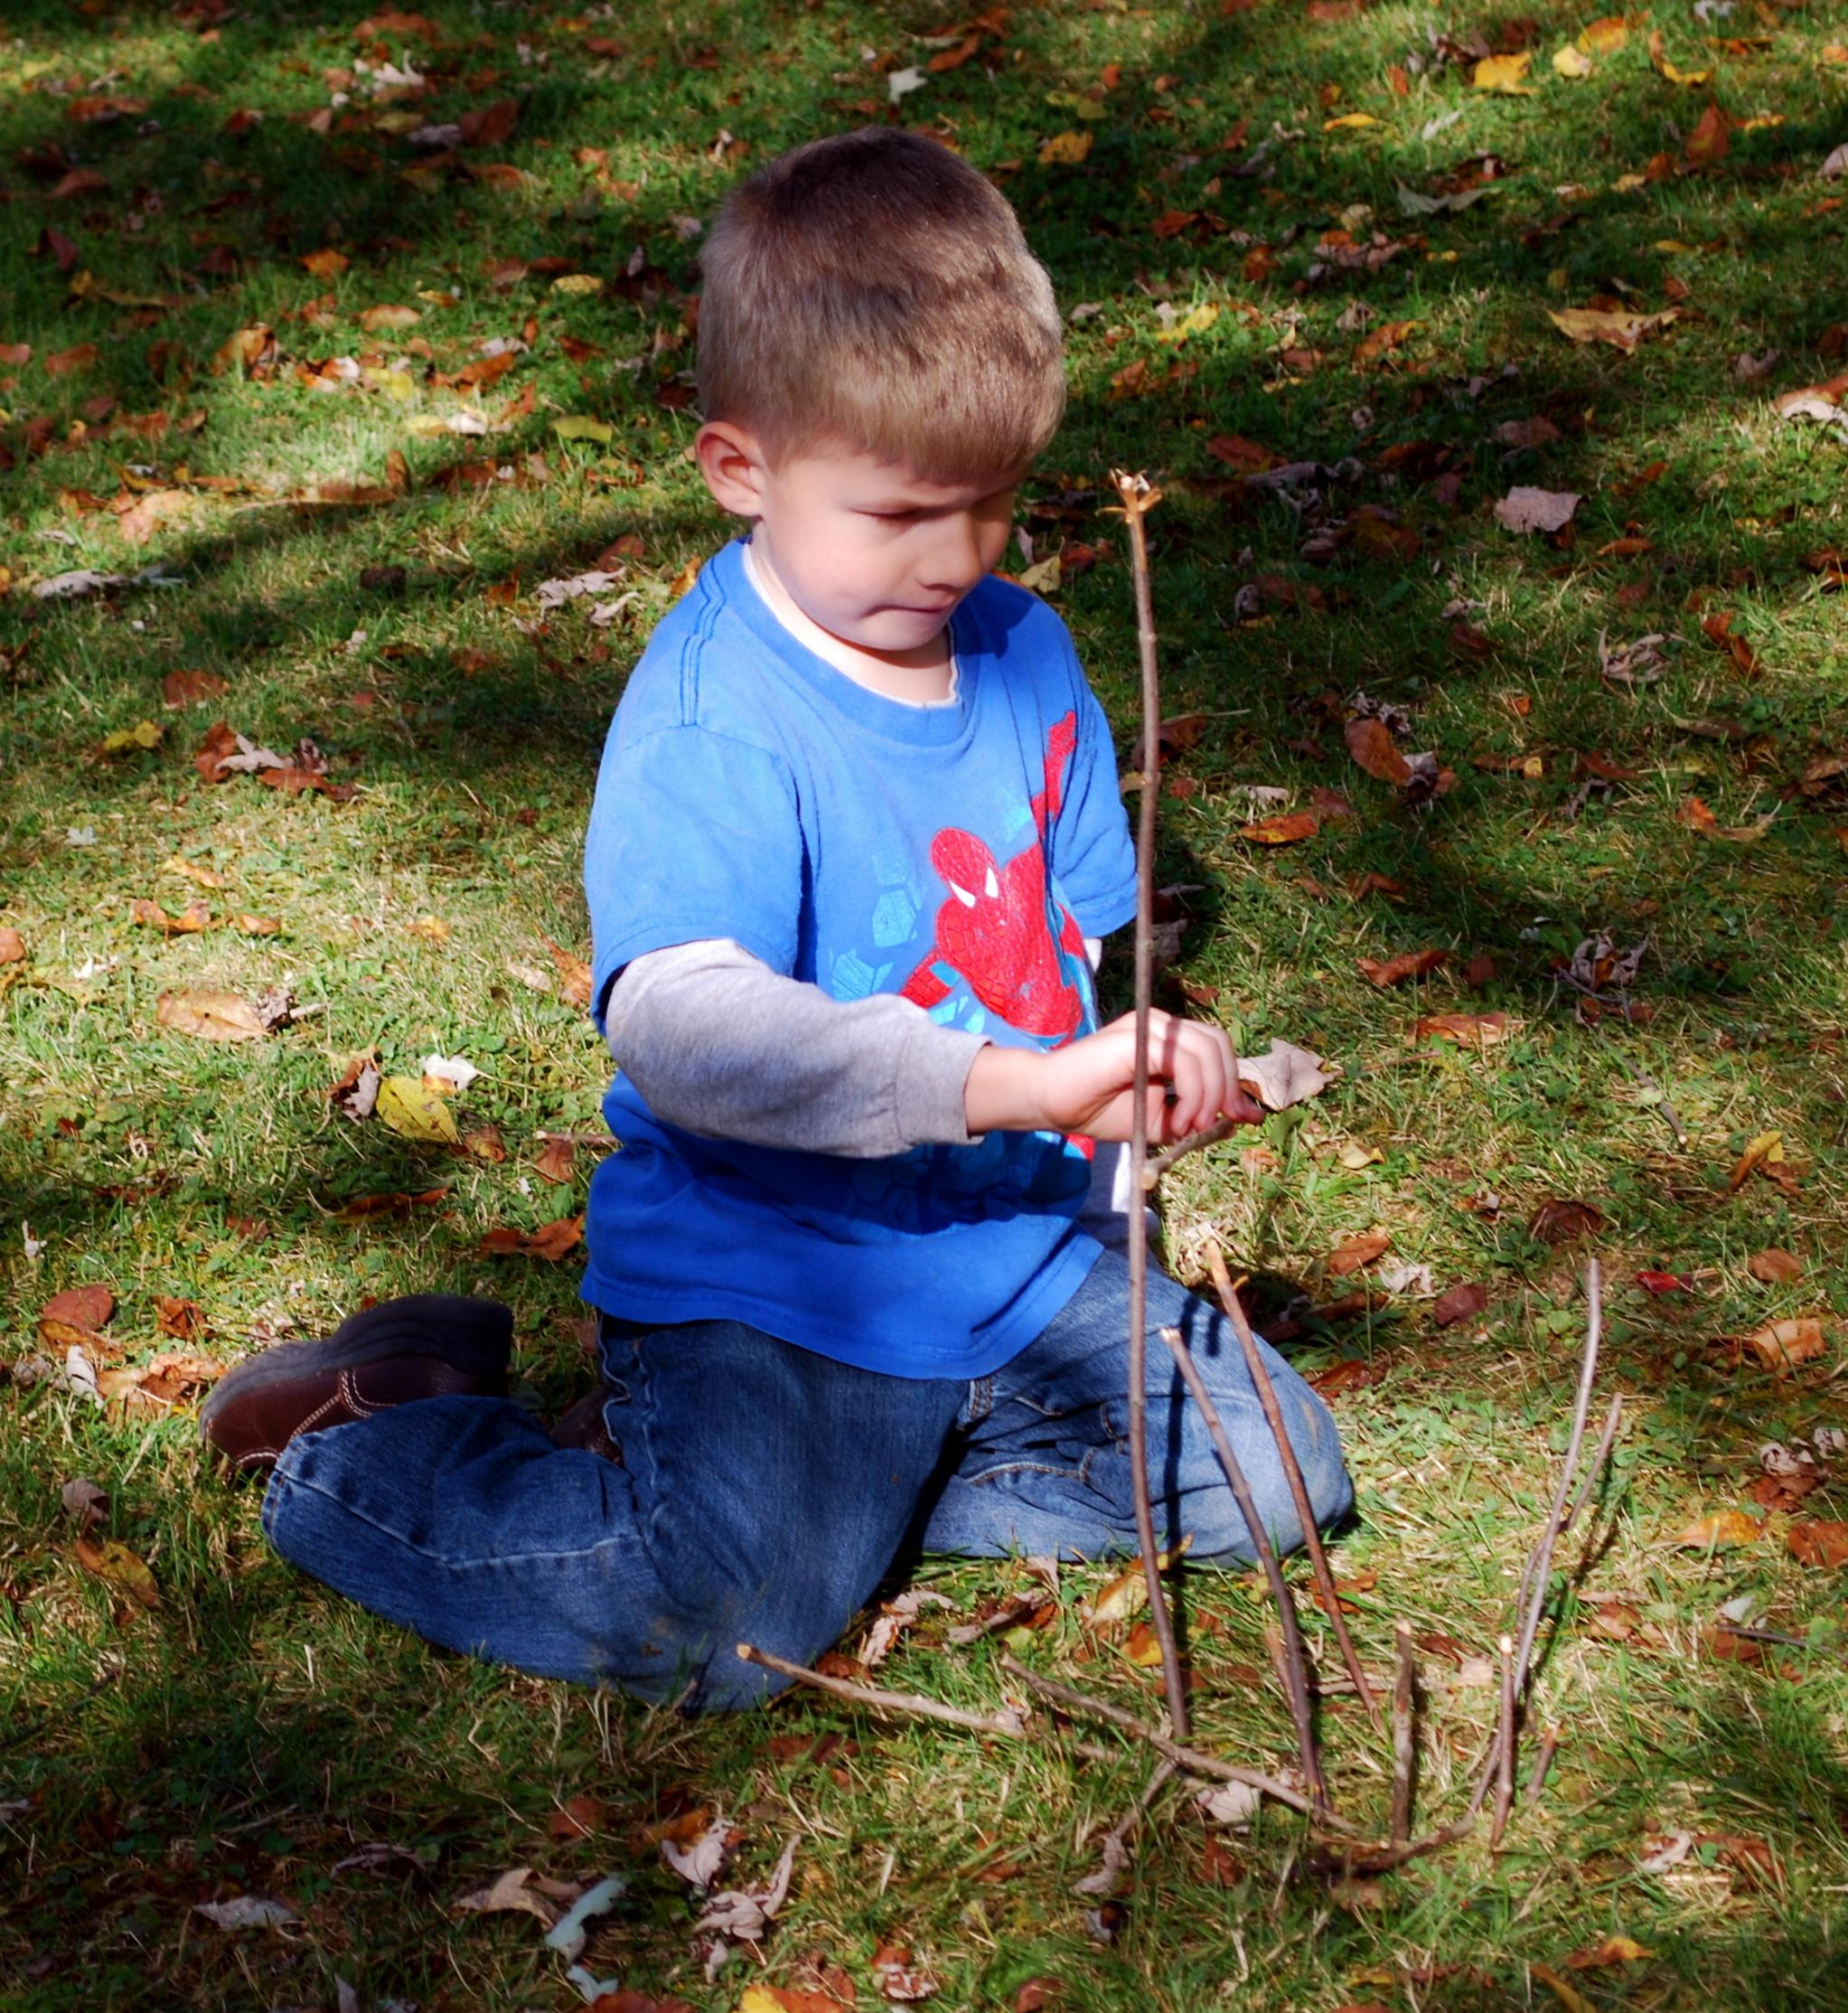 The 5yo plants a stick.